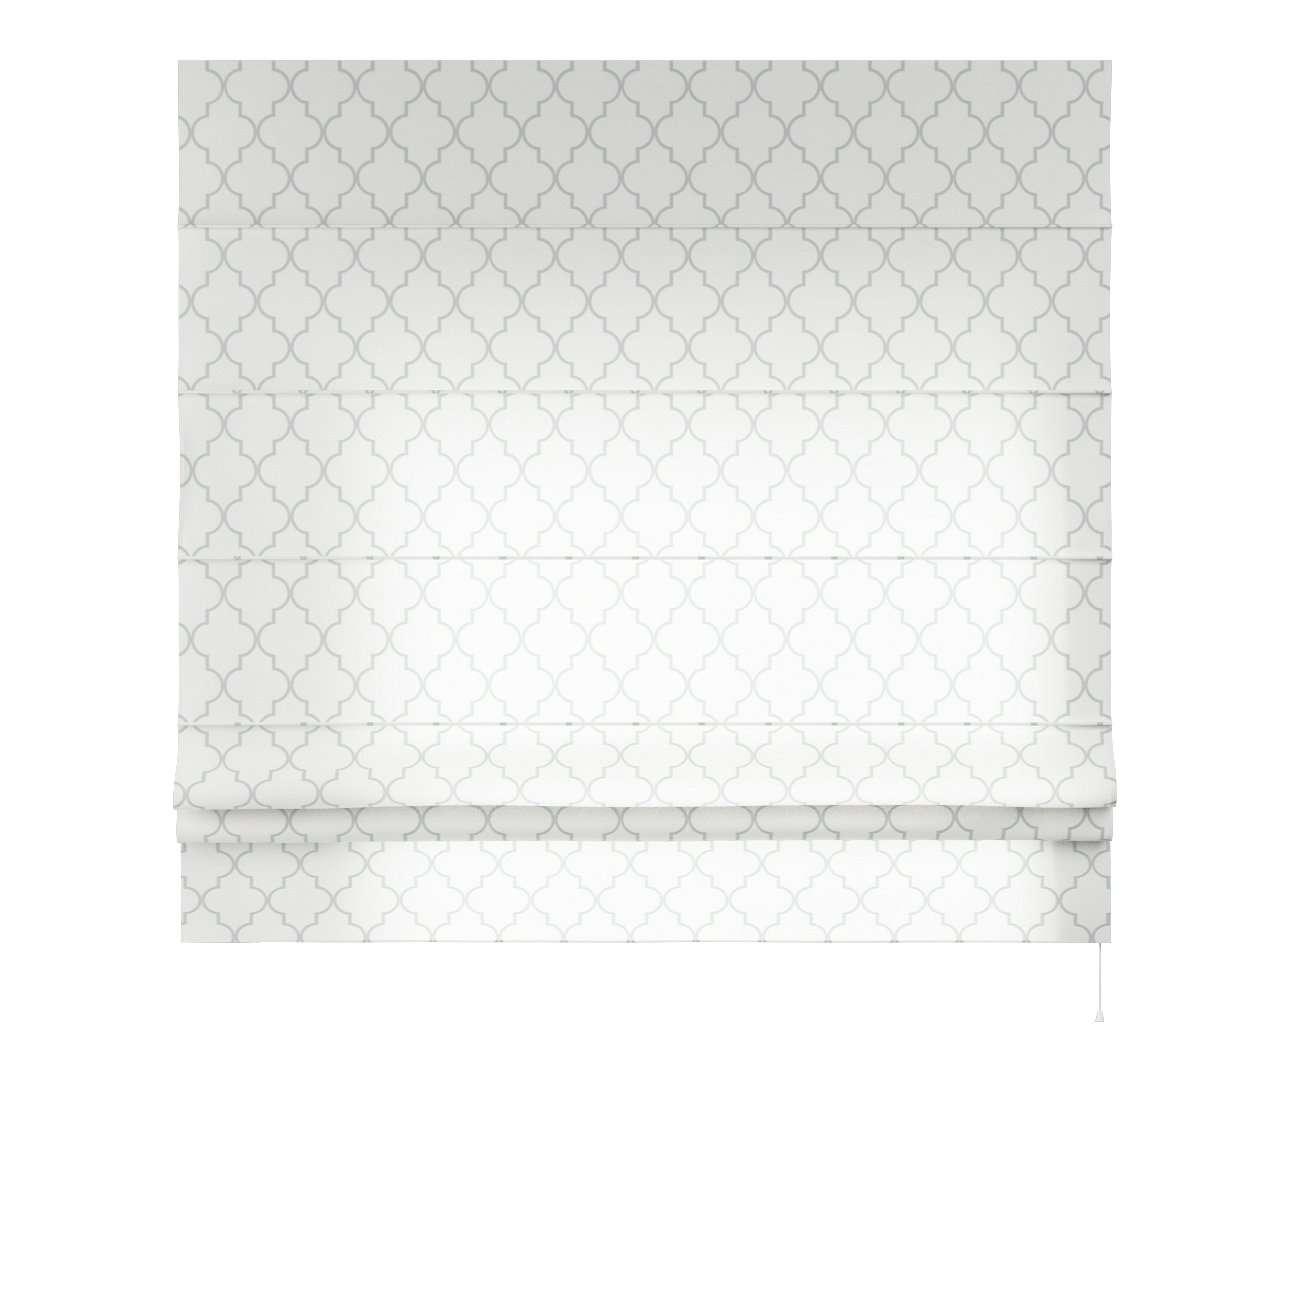 Vouwgordijn Padva 80 x 170 cm van de collectie Comics, Stof: 137-85